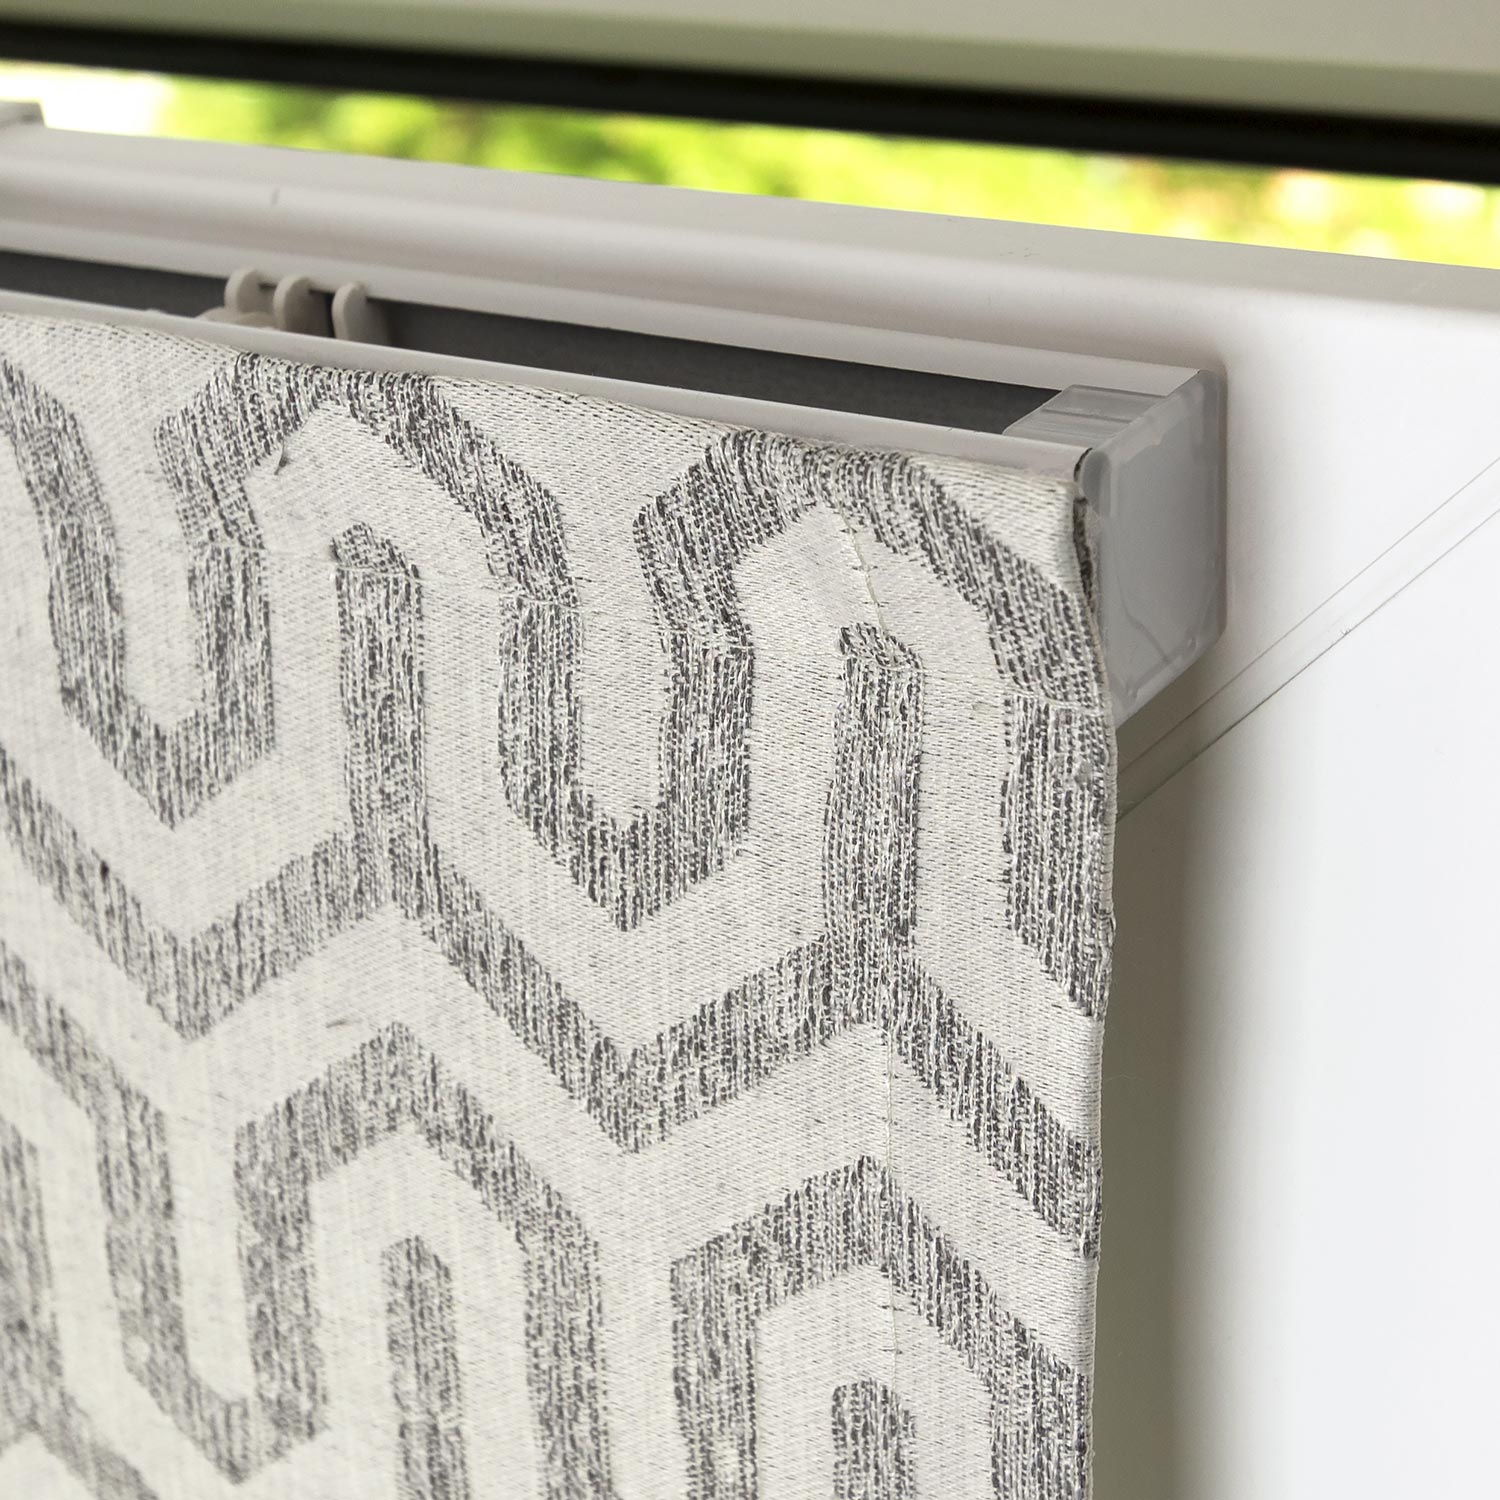 Мини римская штора на пластиковом окне. Ткань шторы с орнаментом